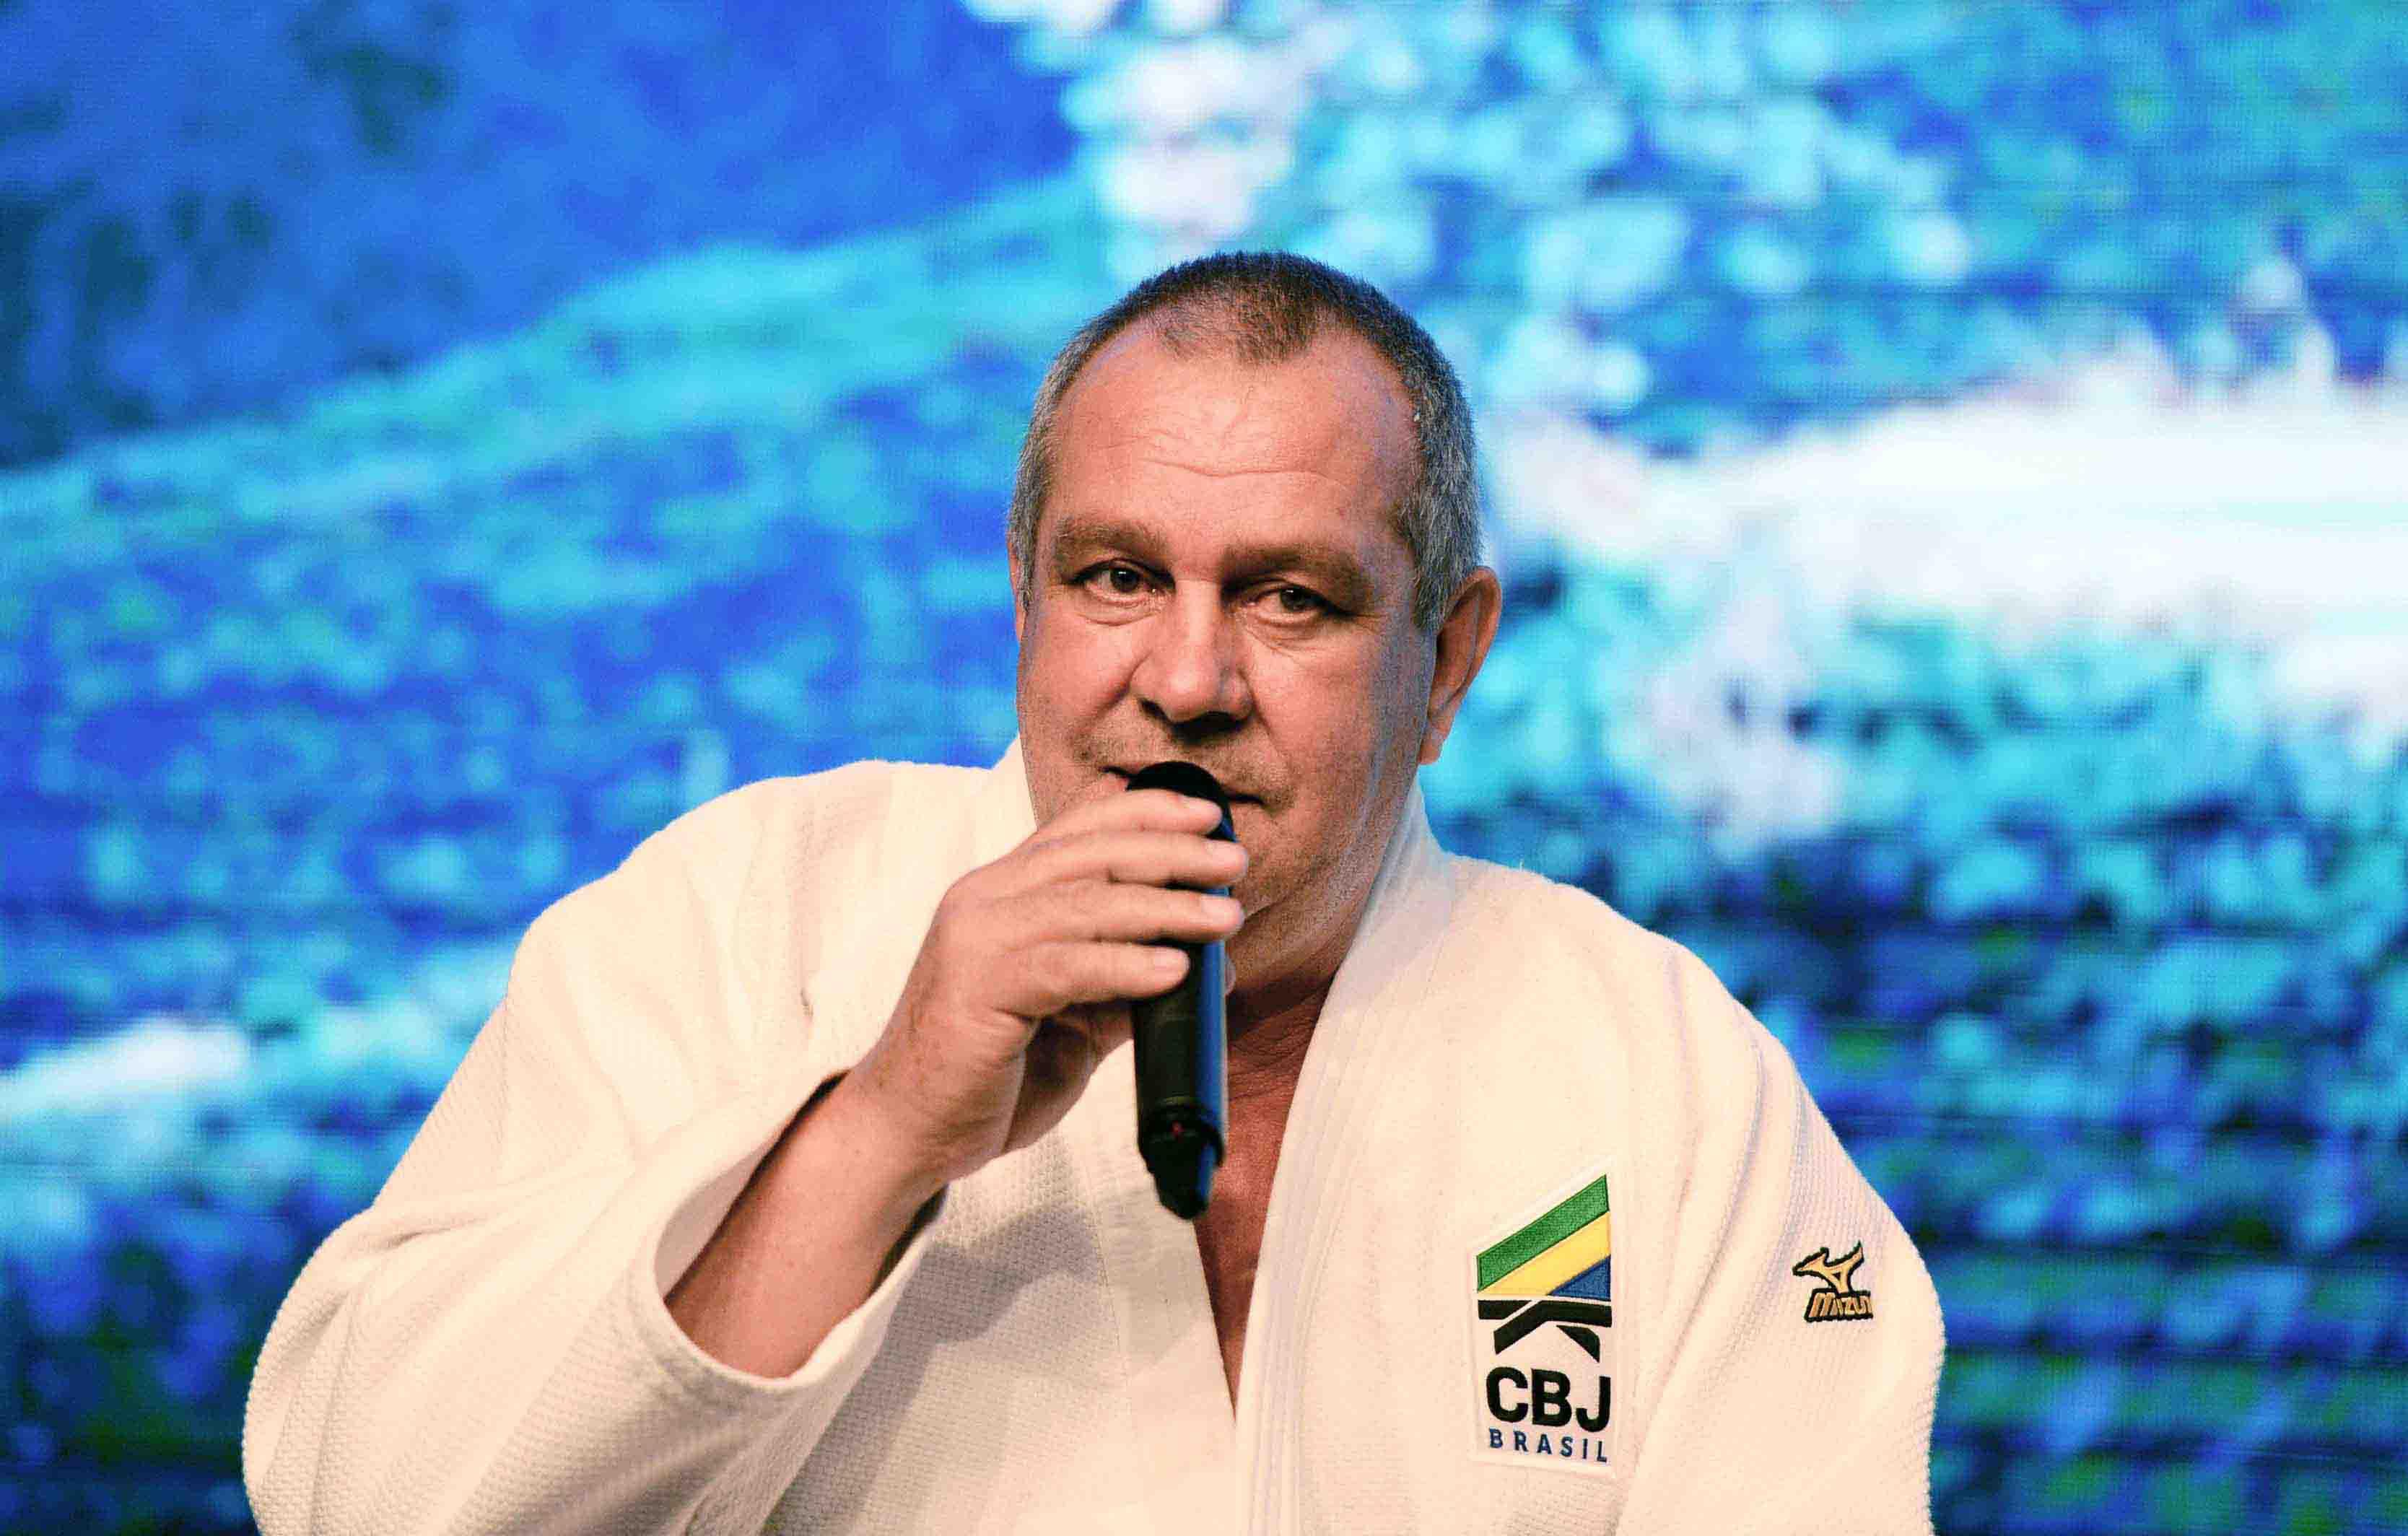 Presidente da CBJ desconhece graduação atribuída a professores paulistas